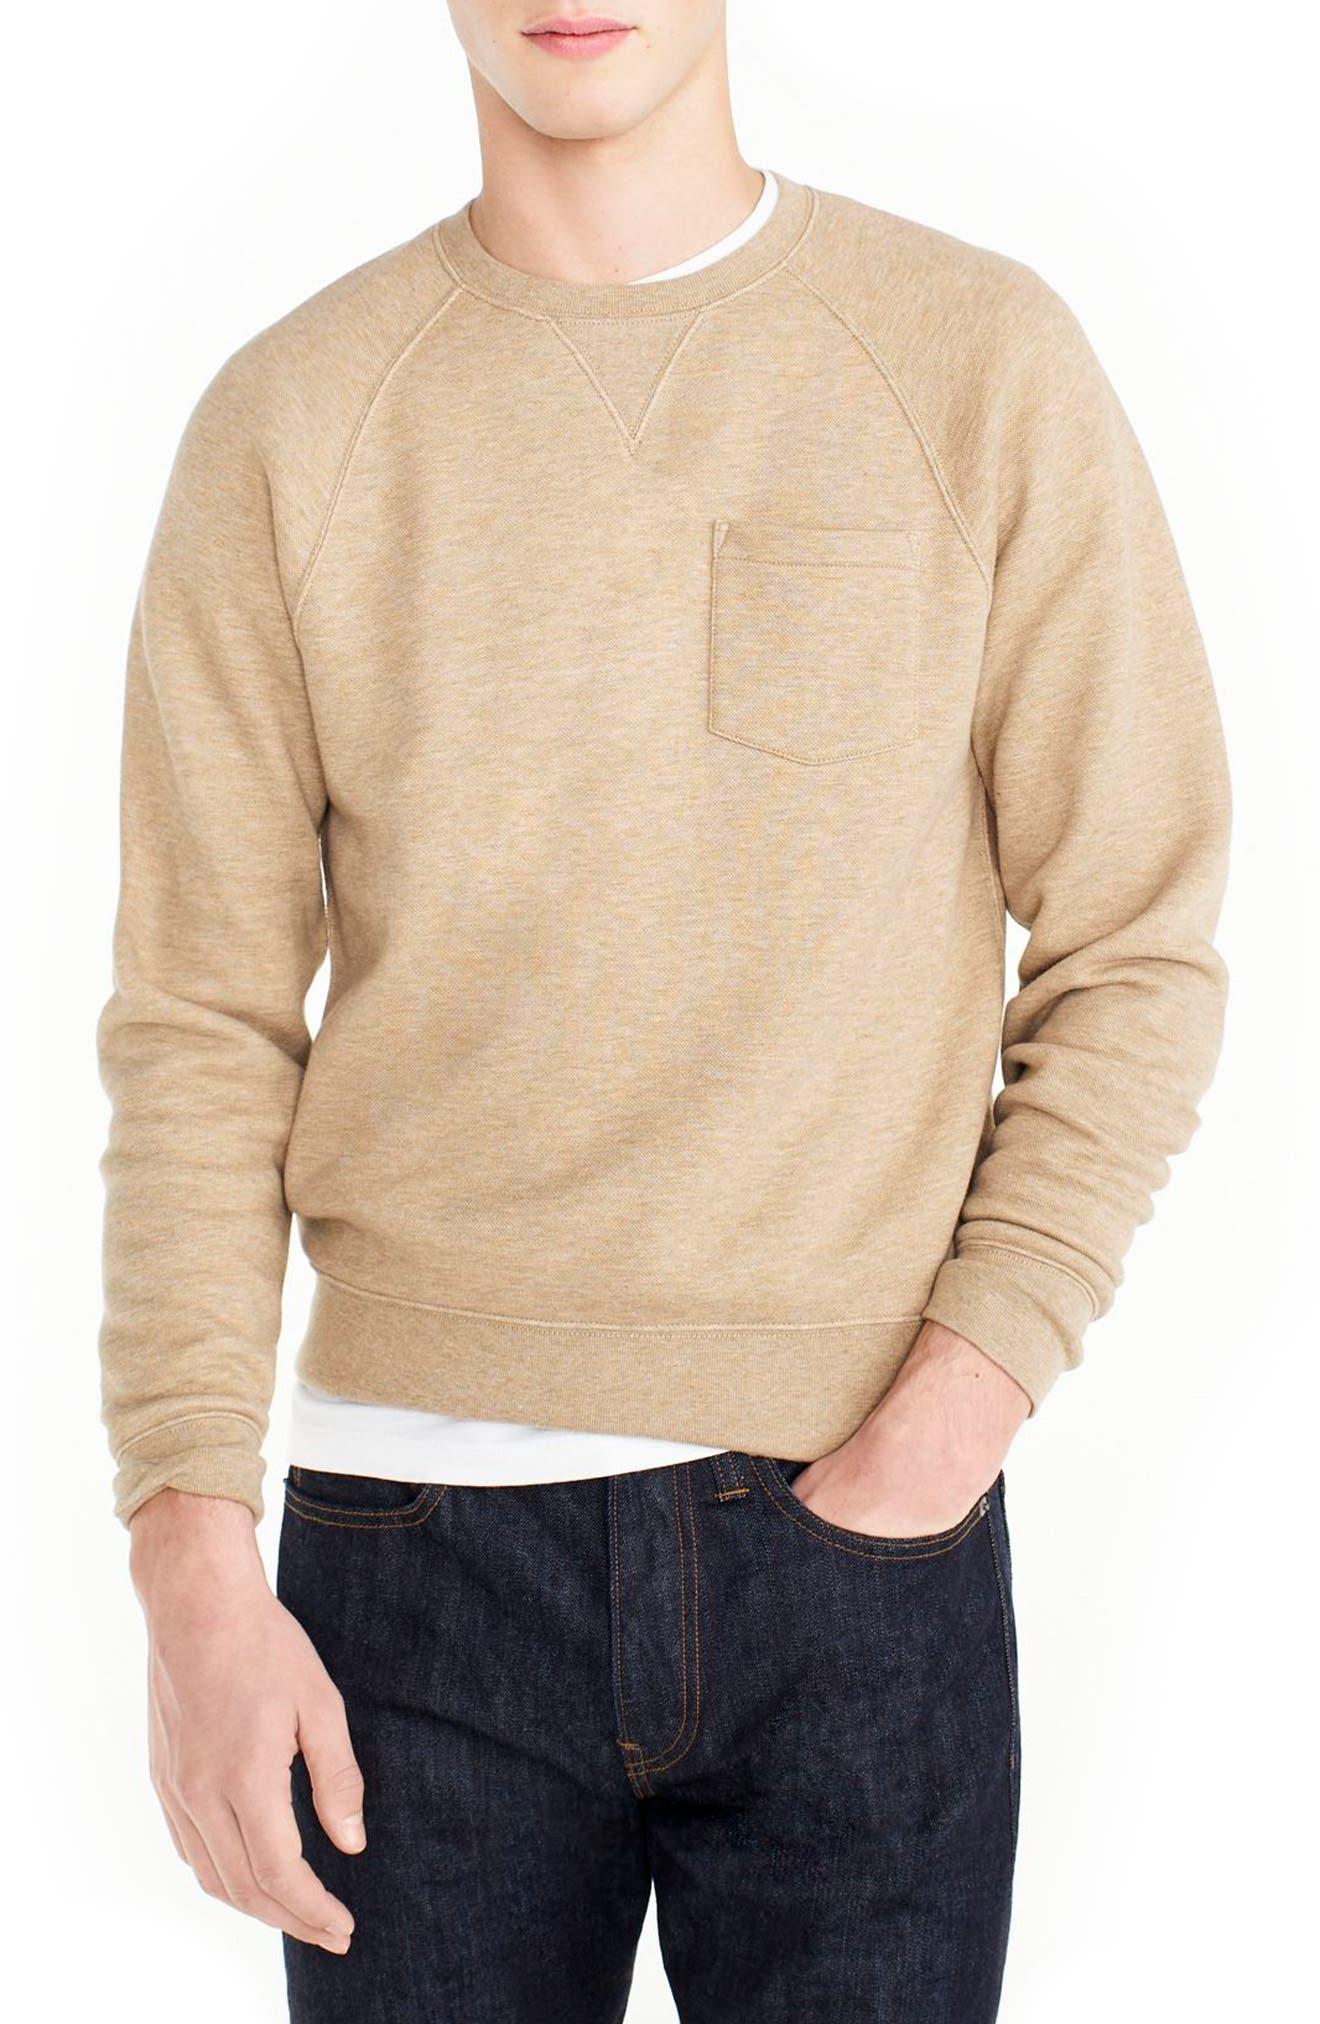 J.Crew Textured Piqué Fleece Sweatshirt,                         Main,                         color, Heather Nut